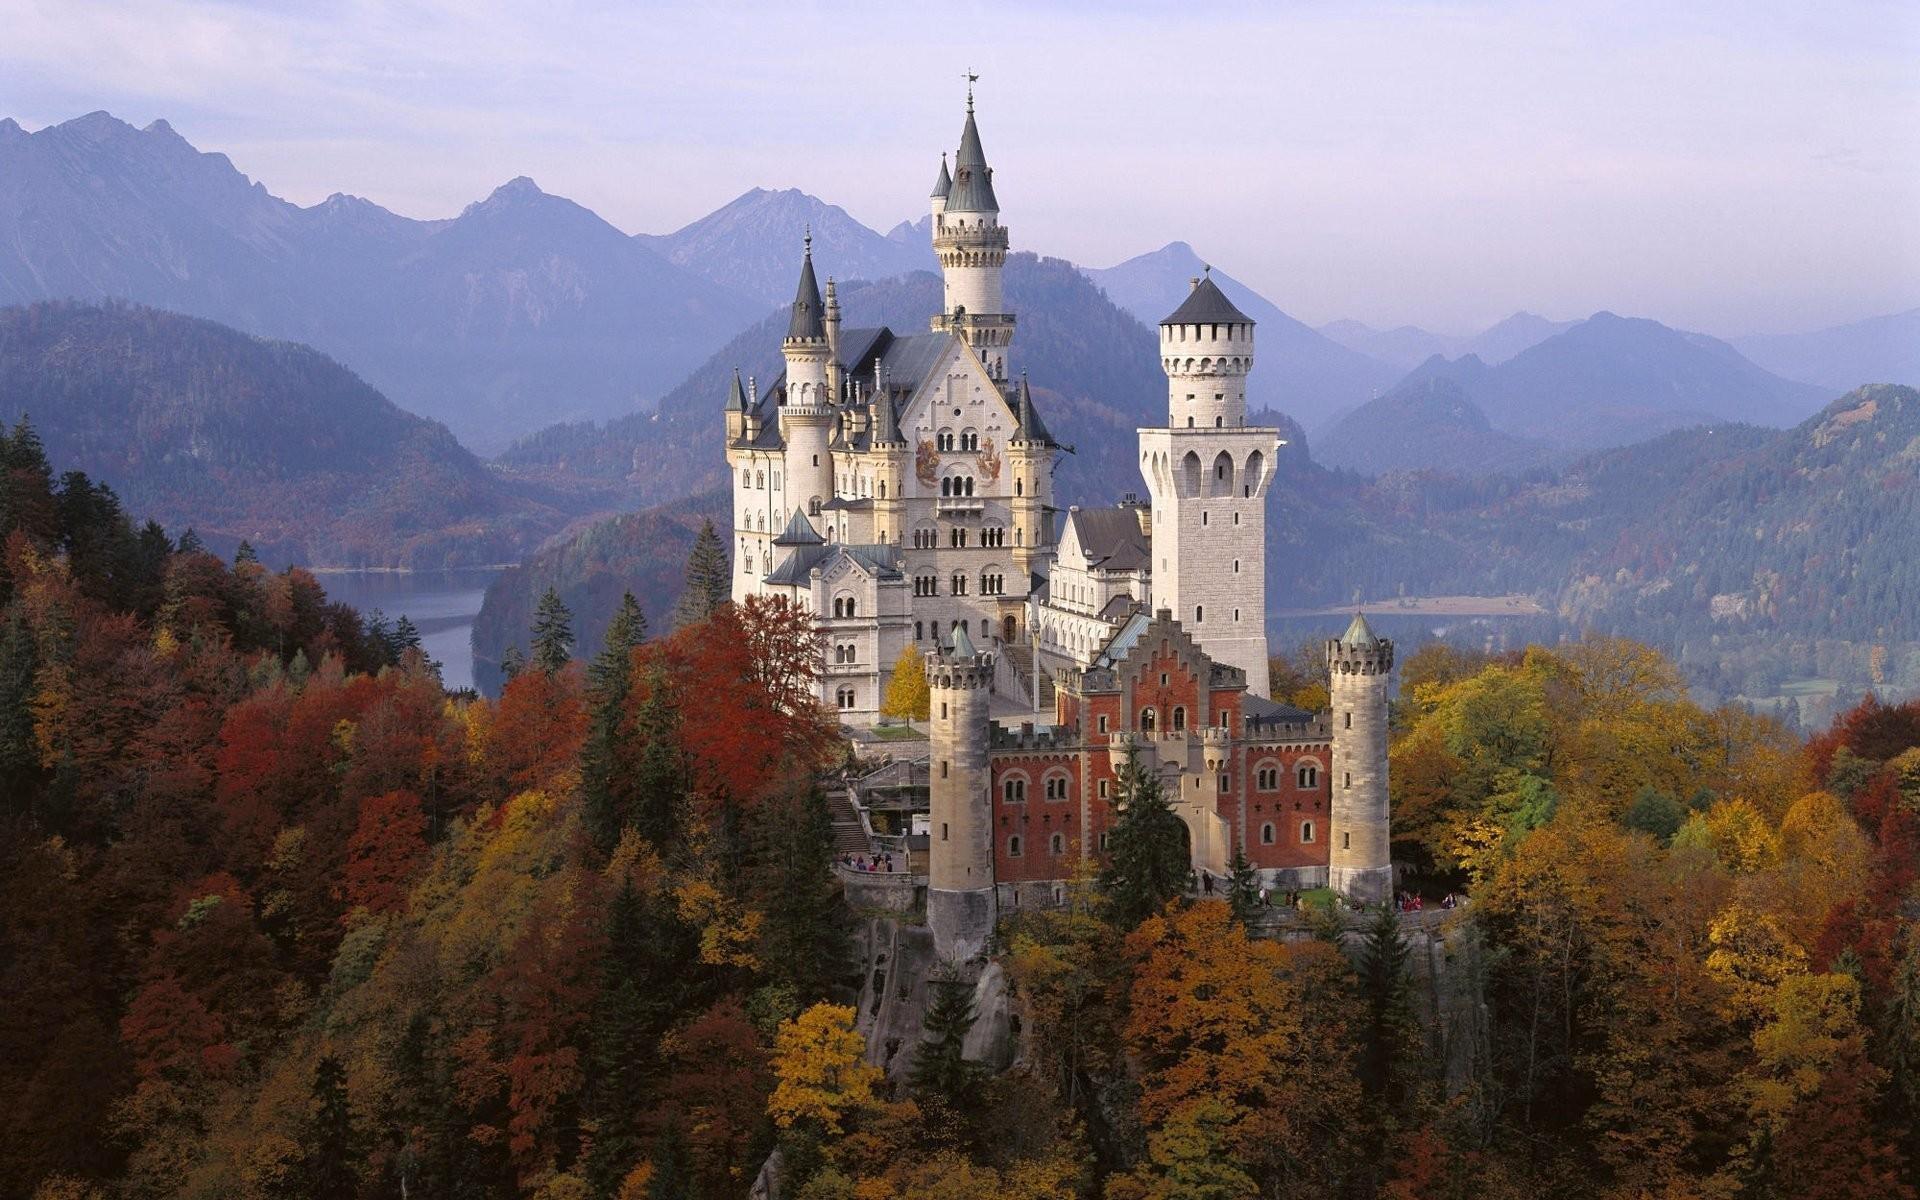 отметить, что самый красивый замок в мире фото заключается внедрении периорбитальную